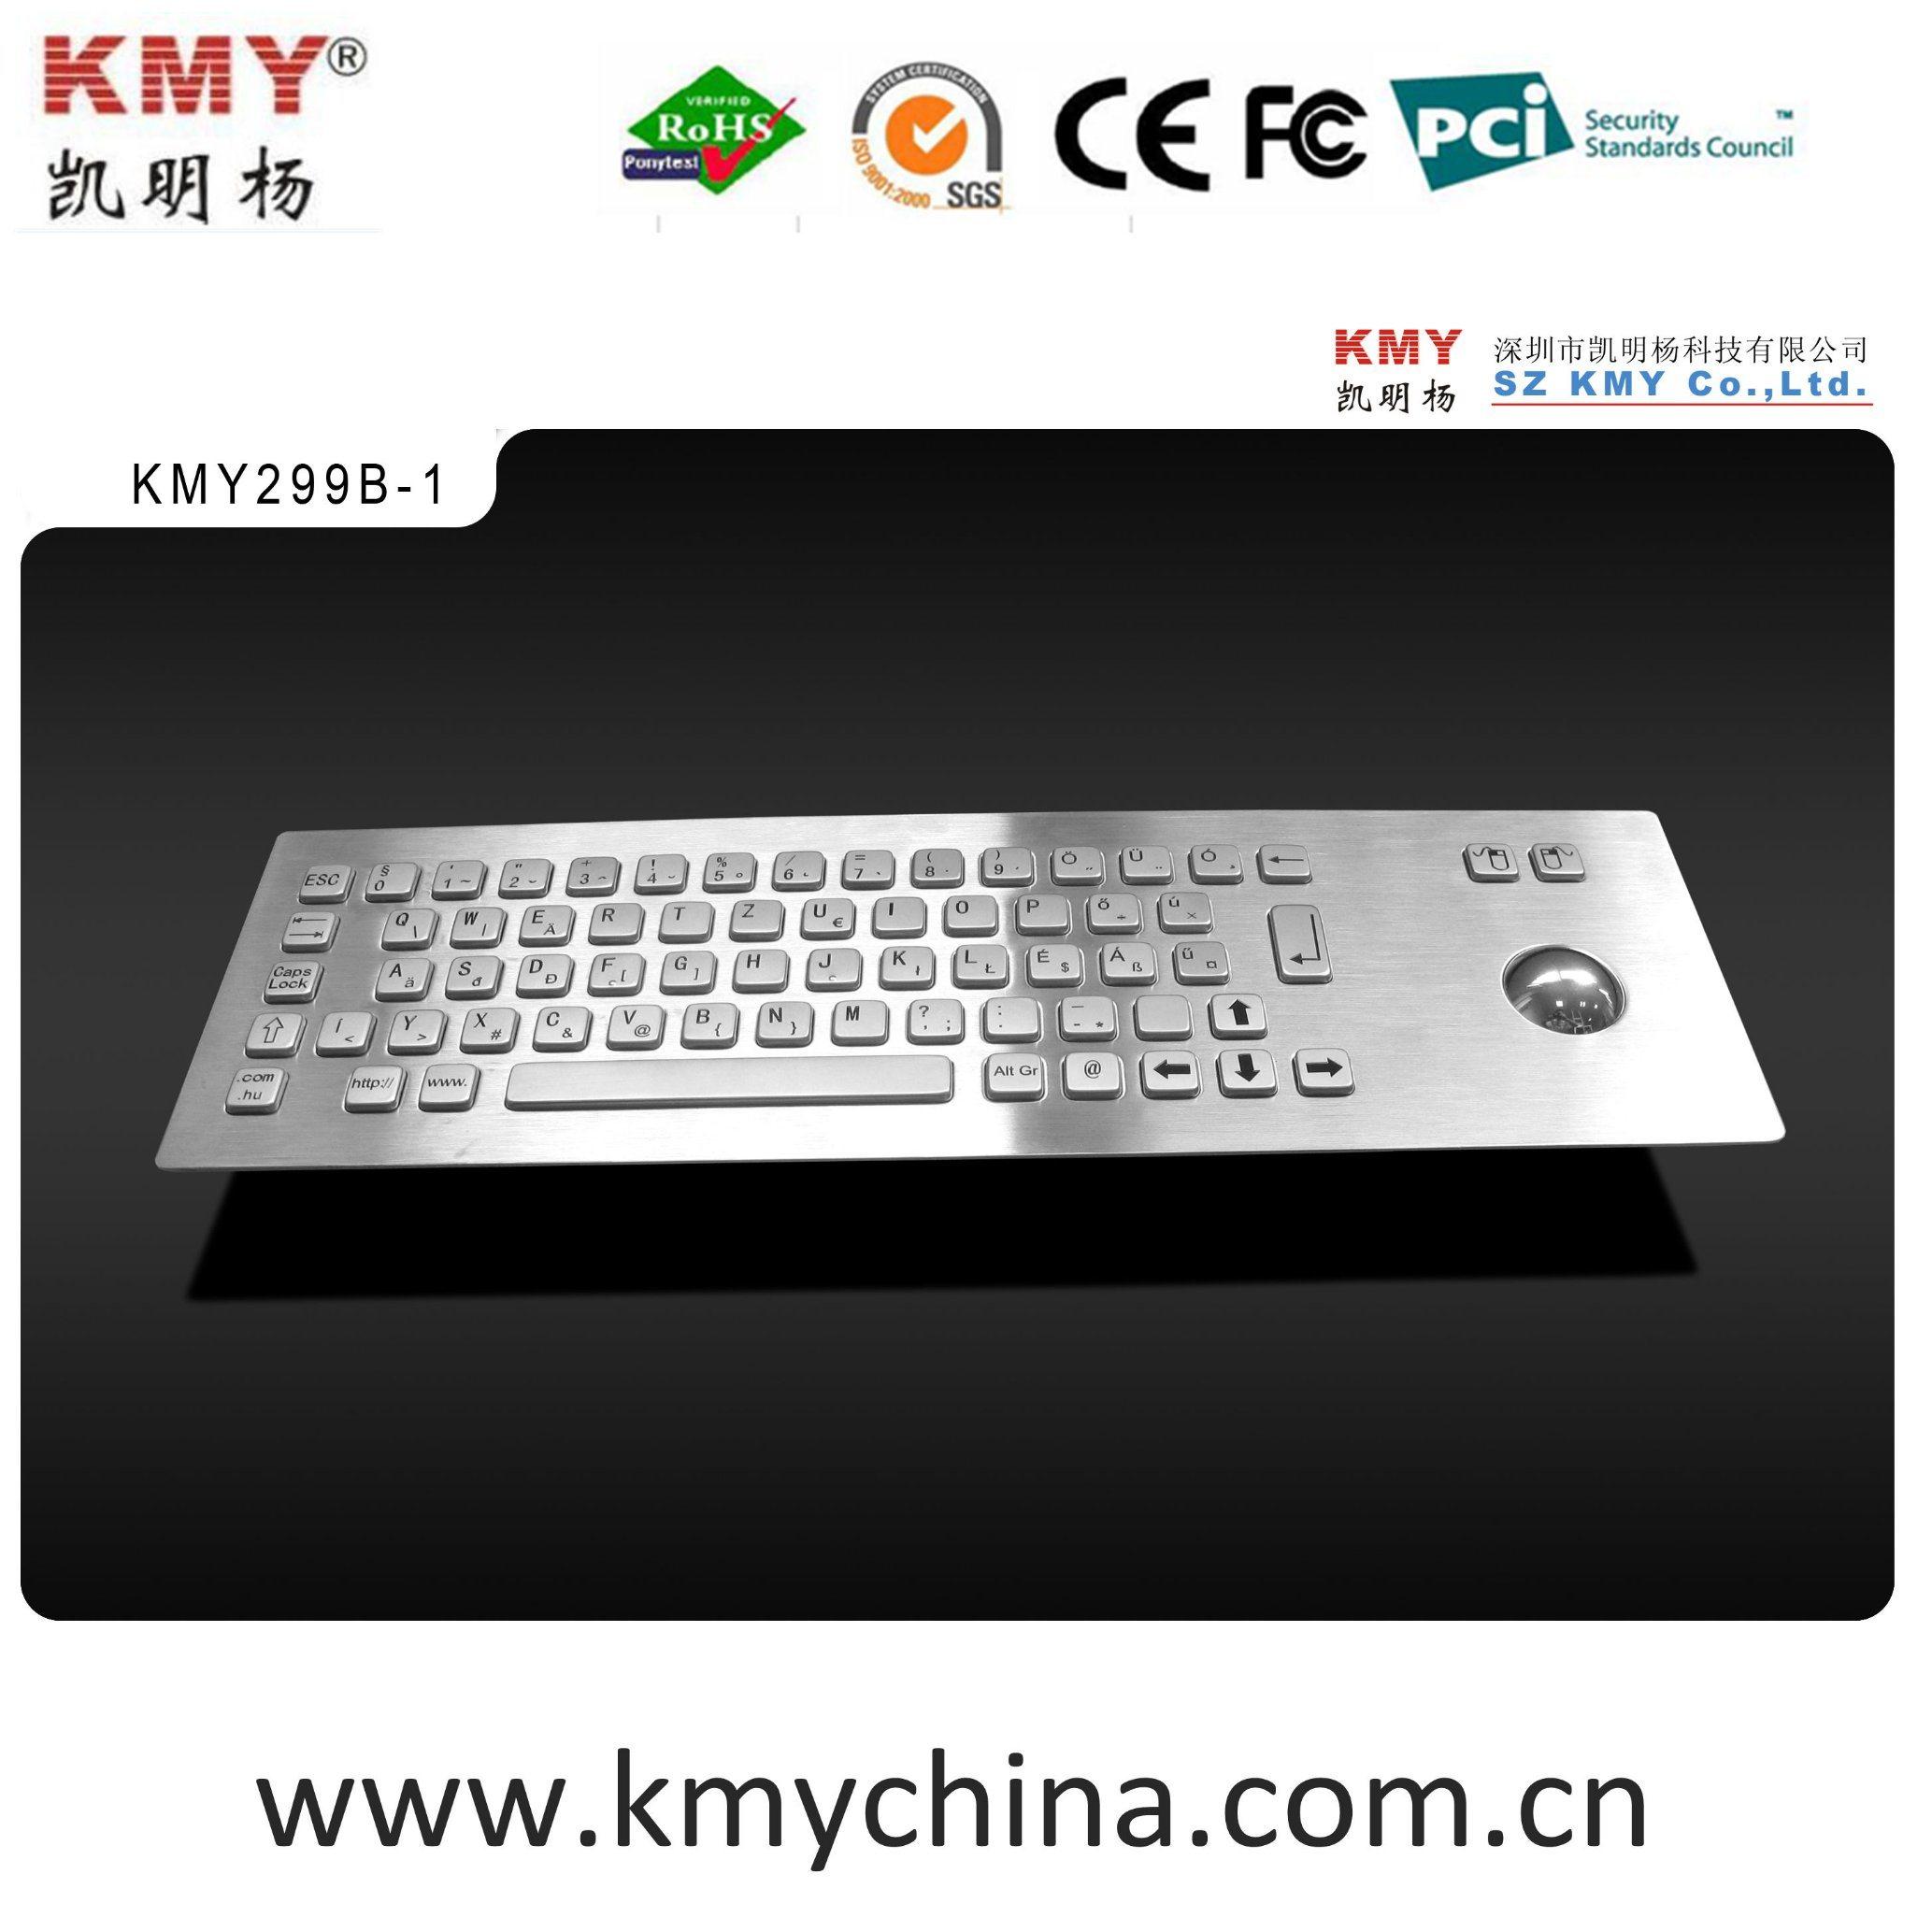 IP65 Stainless Steel Metal Keyboard-Kiosk Component (KMY299B-1)